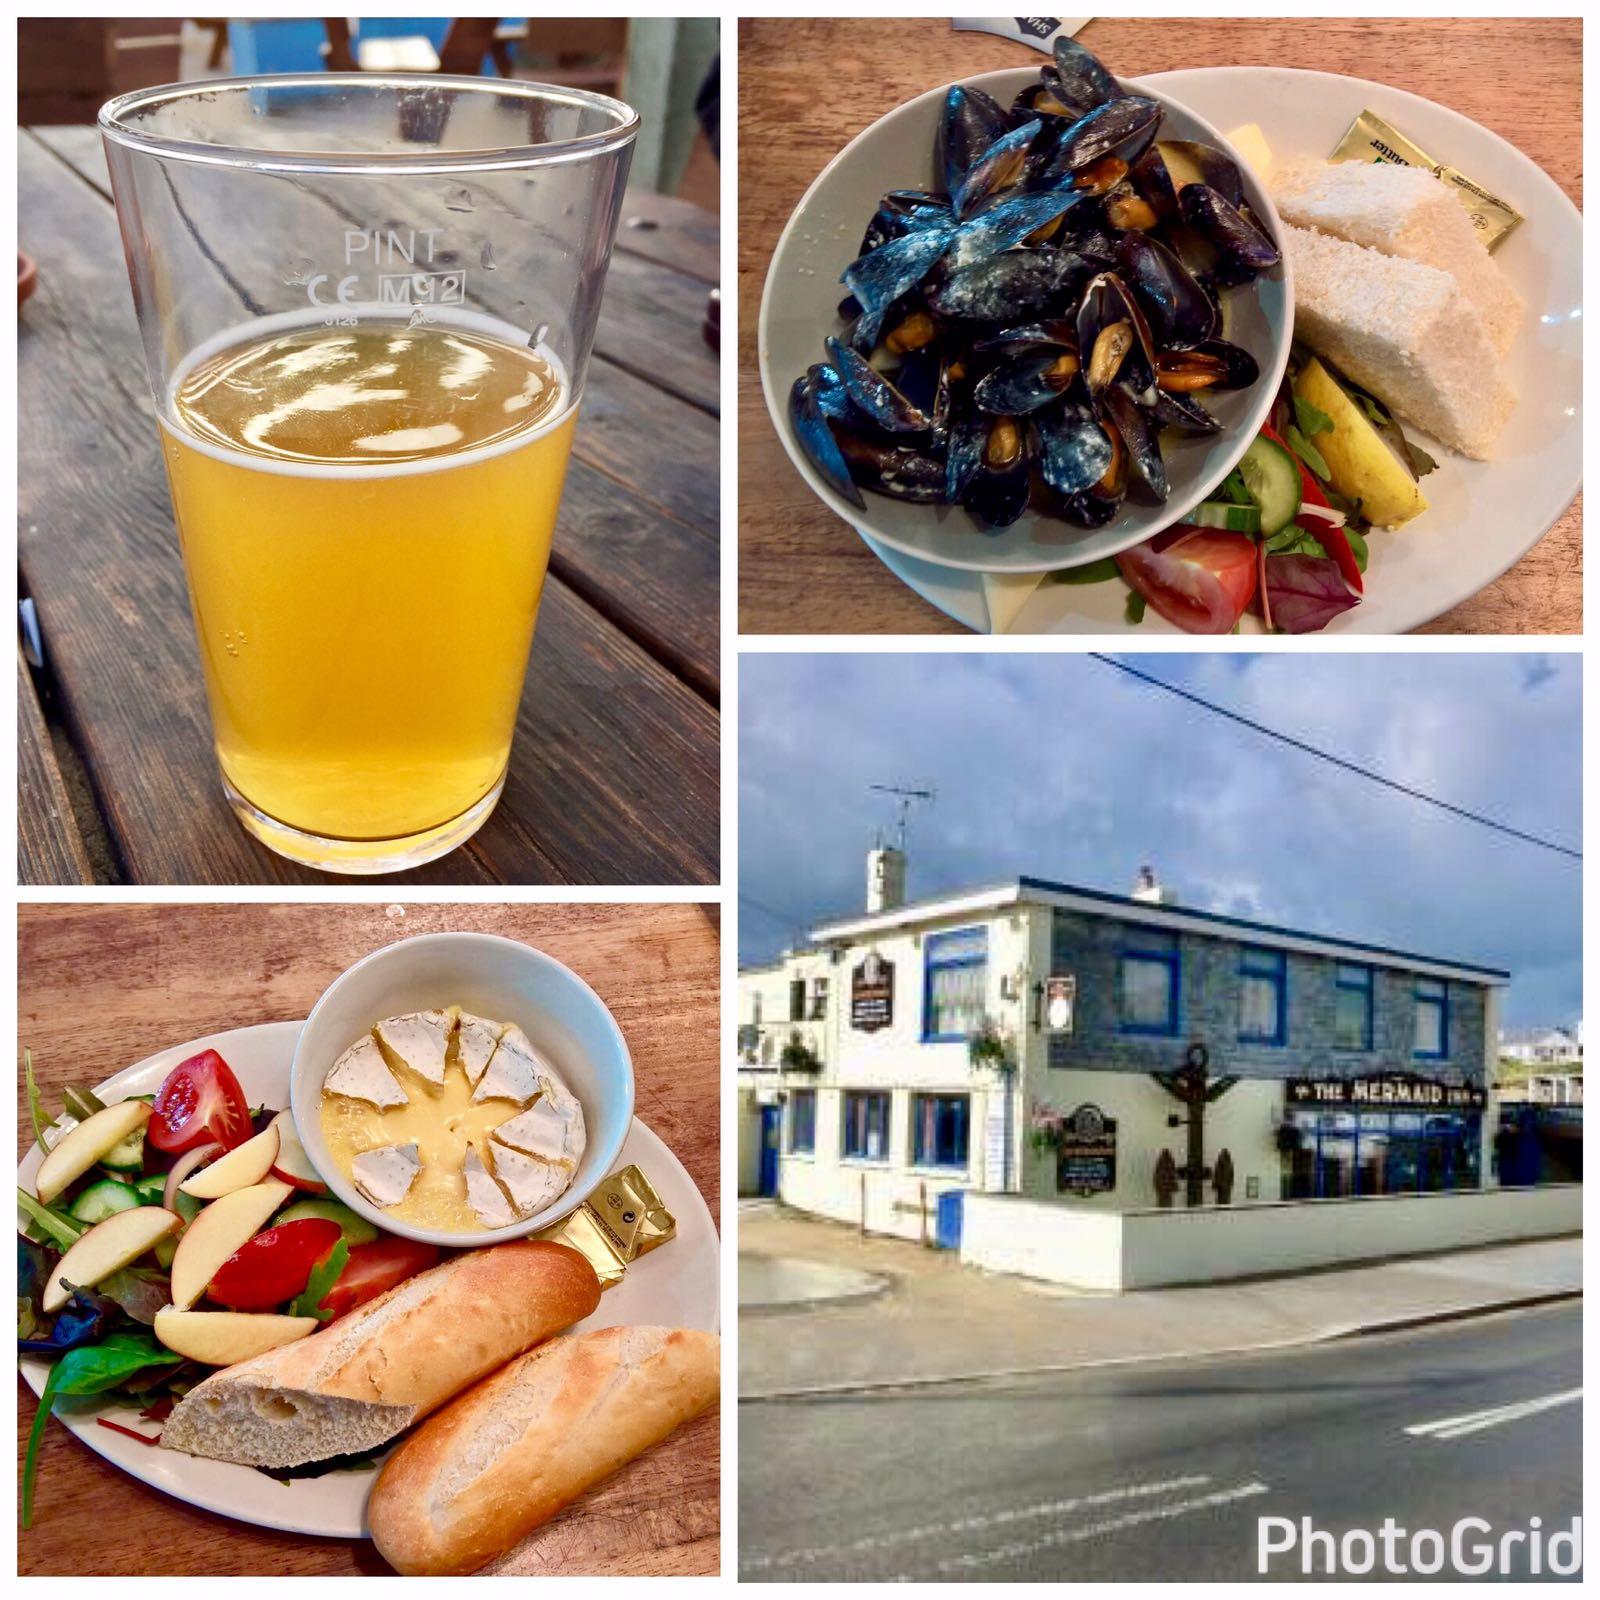 English Pub- The Mermaid Inn, Porth, Cornwall